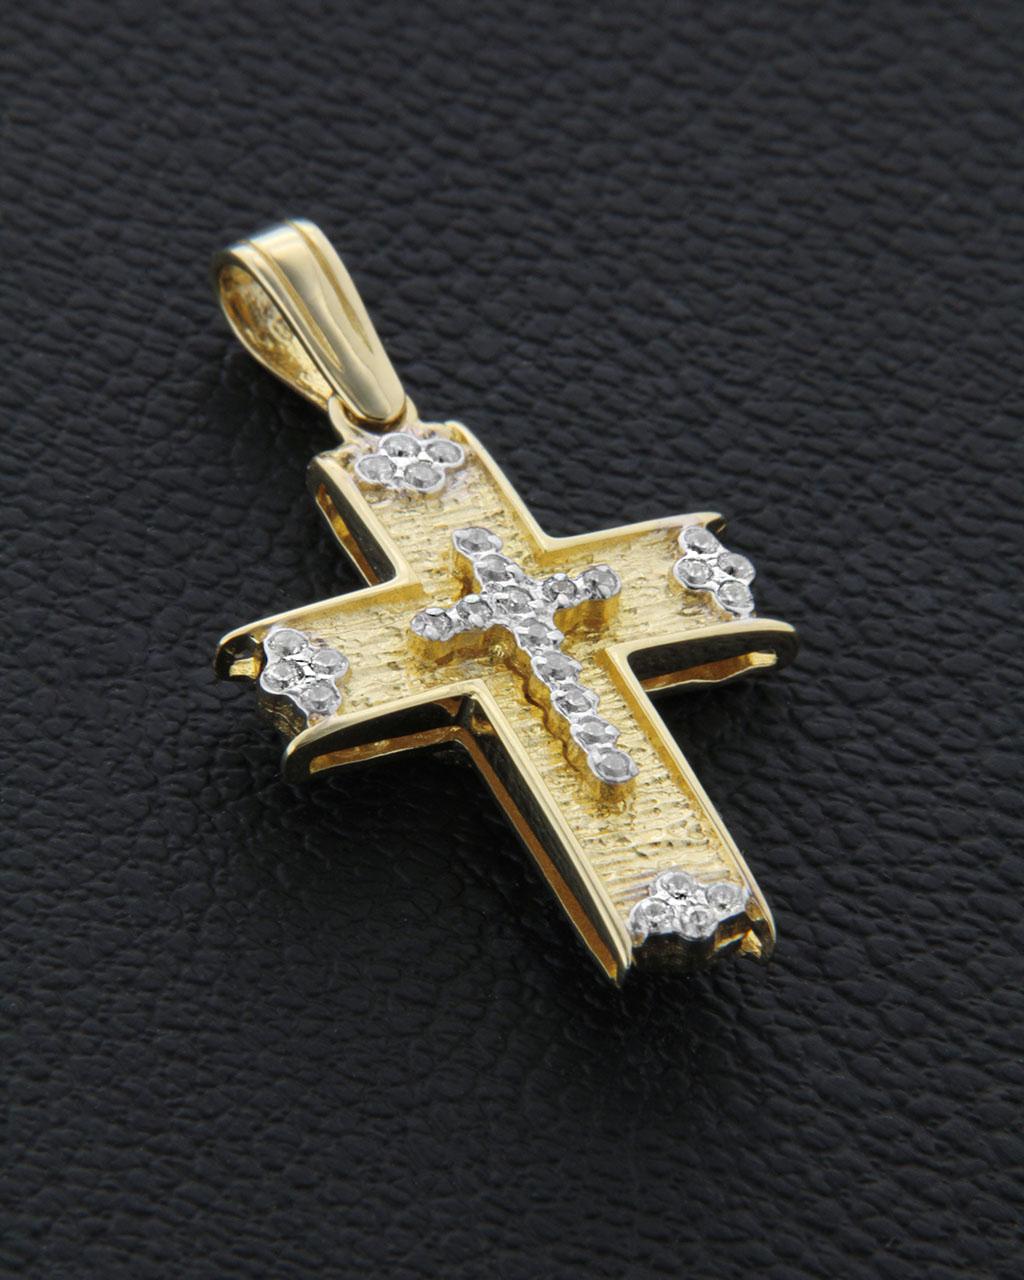 Σταυρός βαπτιστικός χρυσός & λευκόχρυσος Κ14 με Ζιργκόν δύο όψεω   παιδι βαπτιστικοί σταυροί βαπτιστικοί σταυροί για κορίτσι